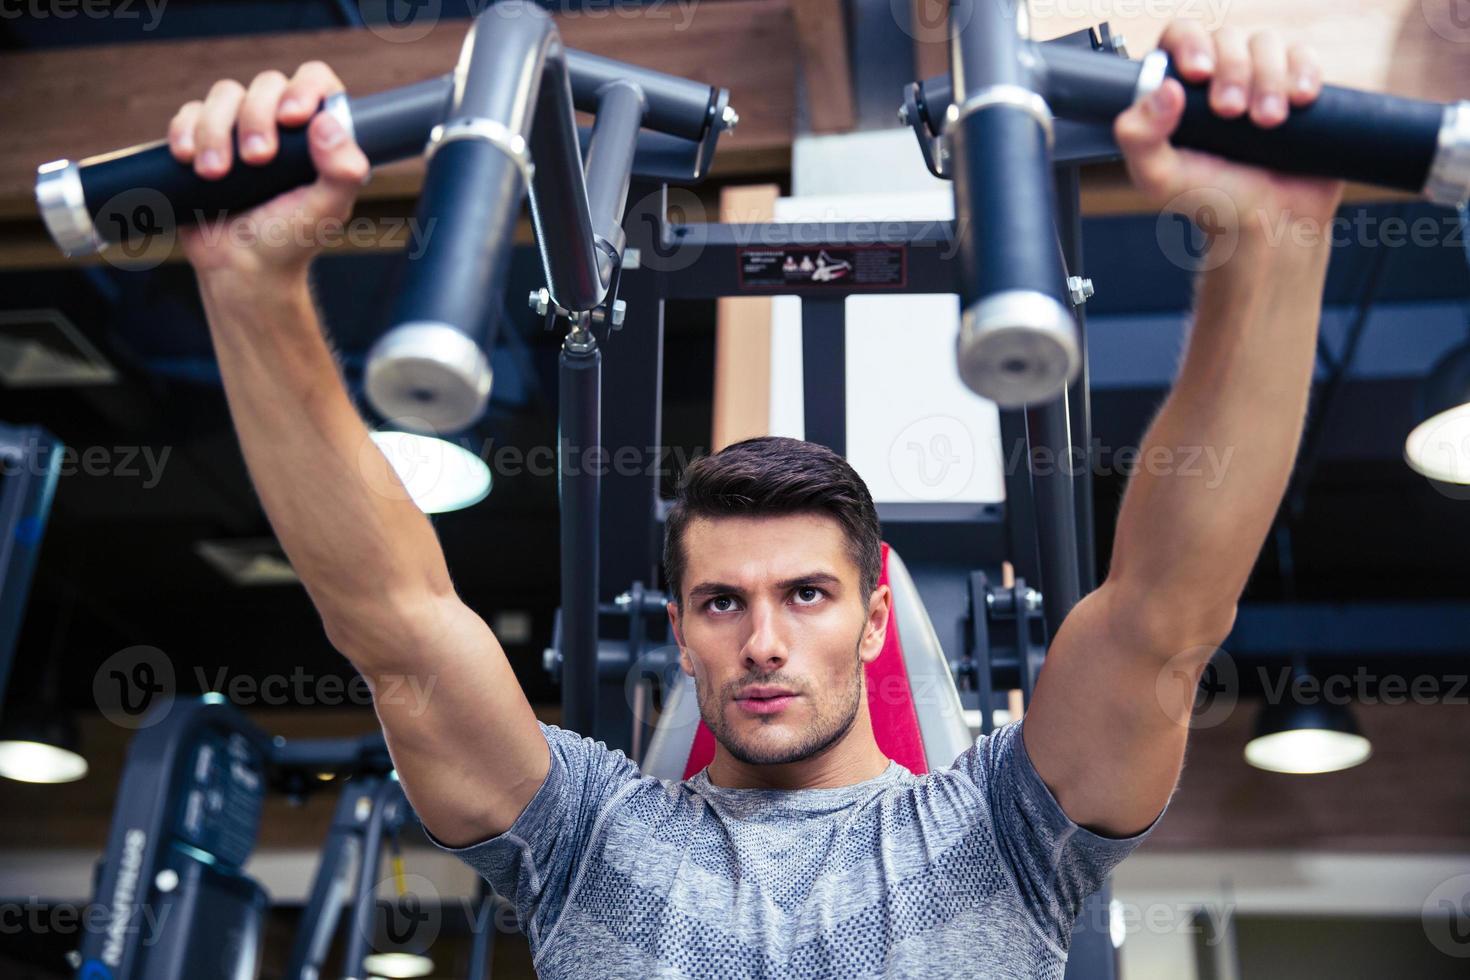 homem fazendo exercício na máquina de fitness no ginásio foto